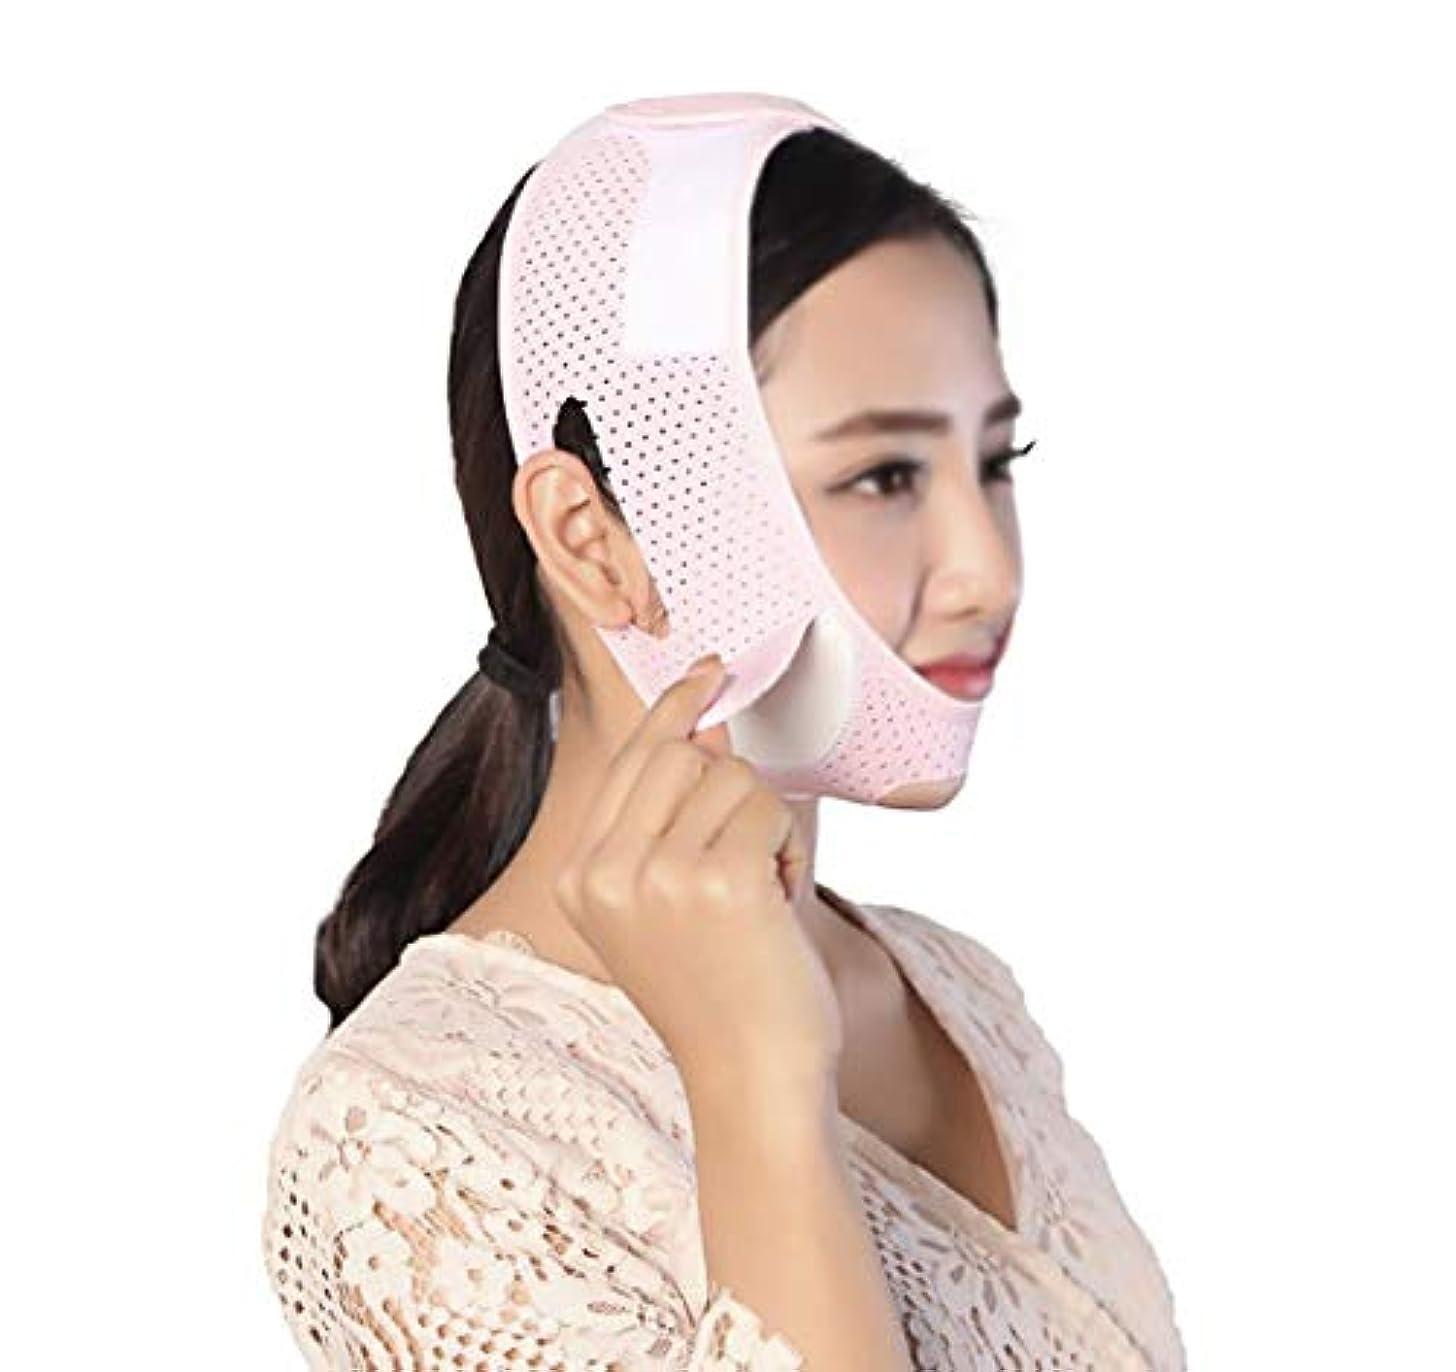 バッテリーお金ゴム隠された顔と首のリフト術後の弾性セットVフェイスマスクあごの収縮の調整を強化するVフェイスアーチファクト回復サポートベルト